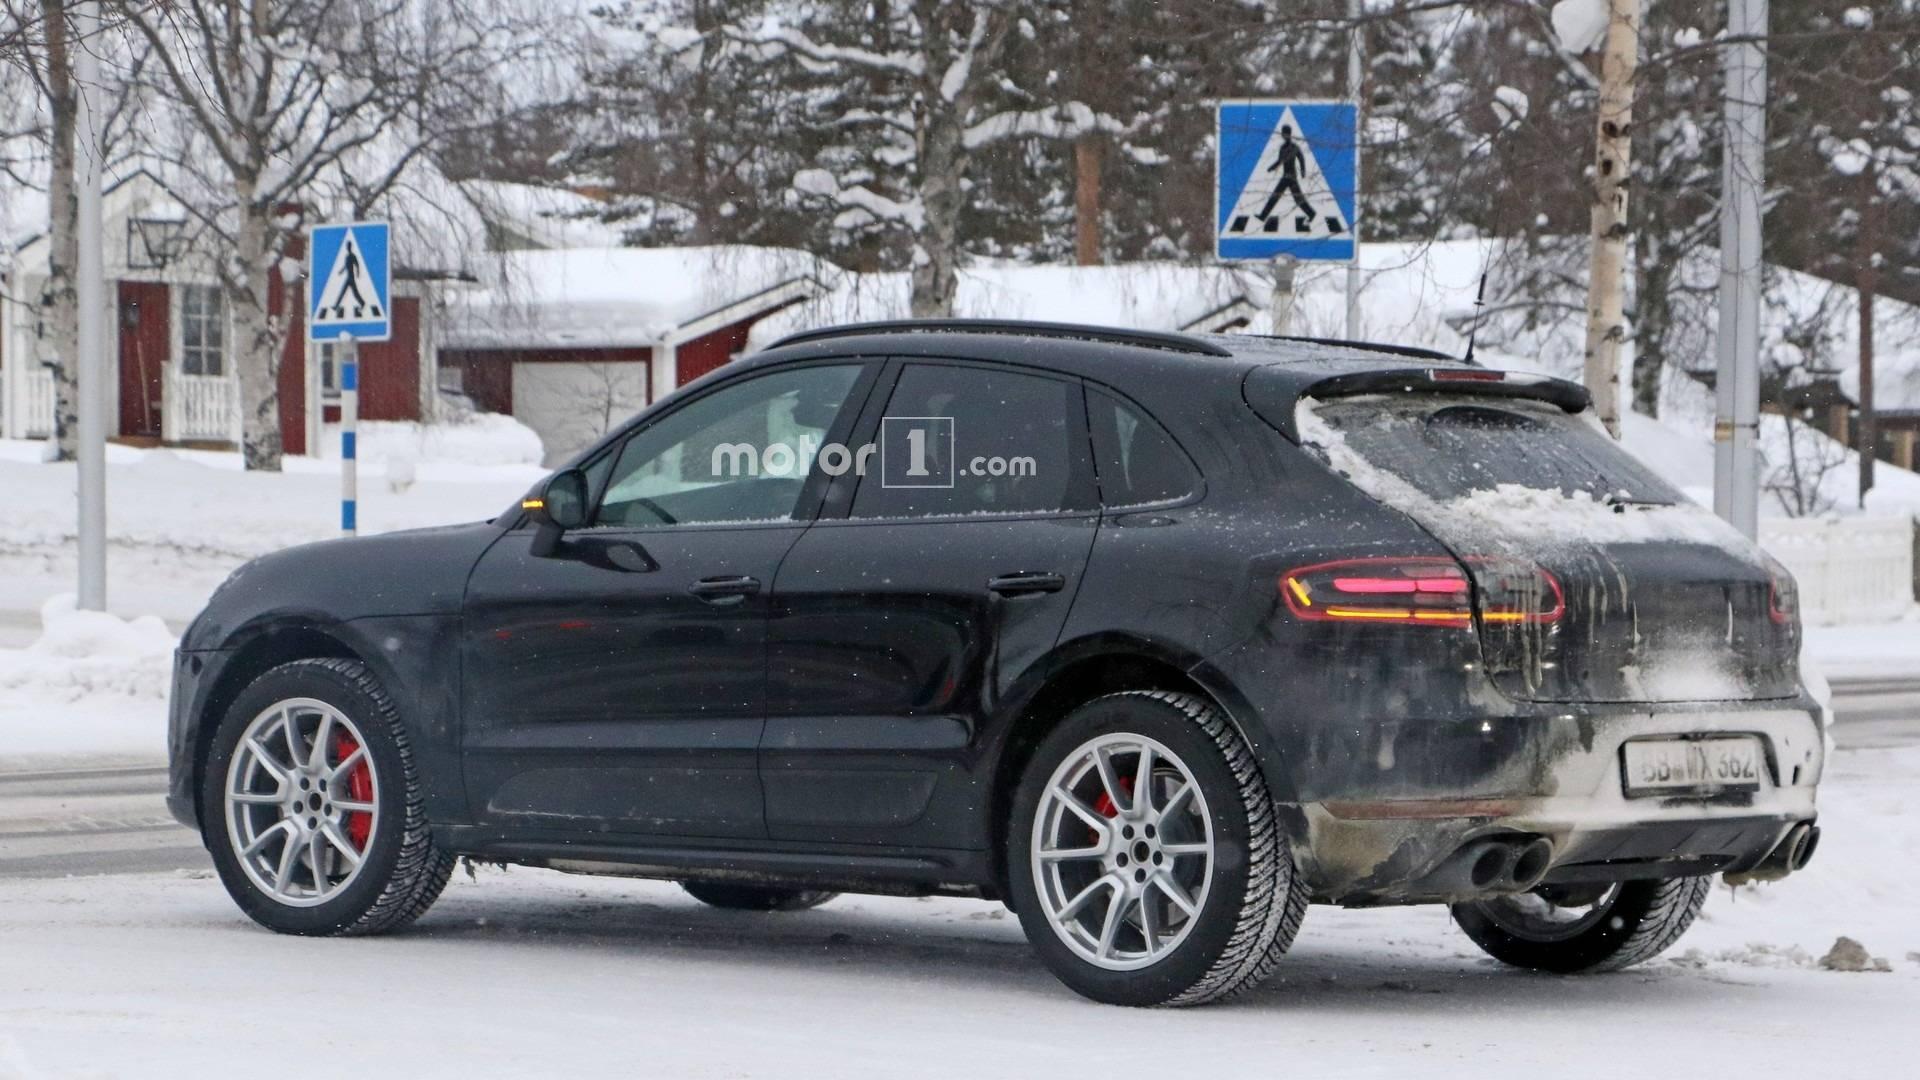 2019 Porsche Macan Spied Inside With Larger Infotainment Screen